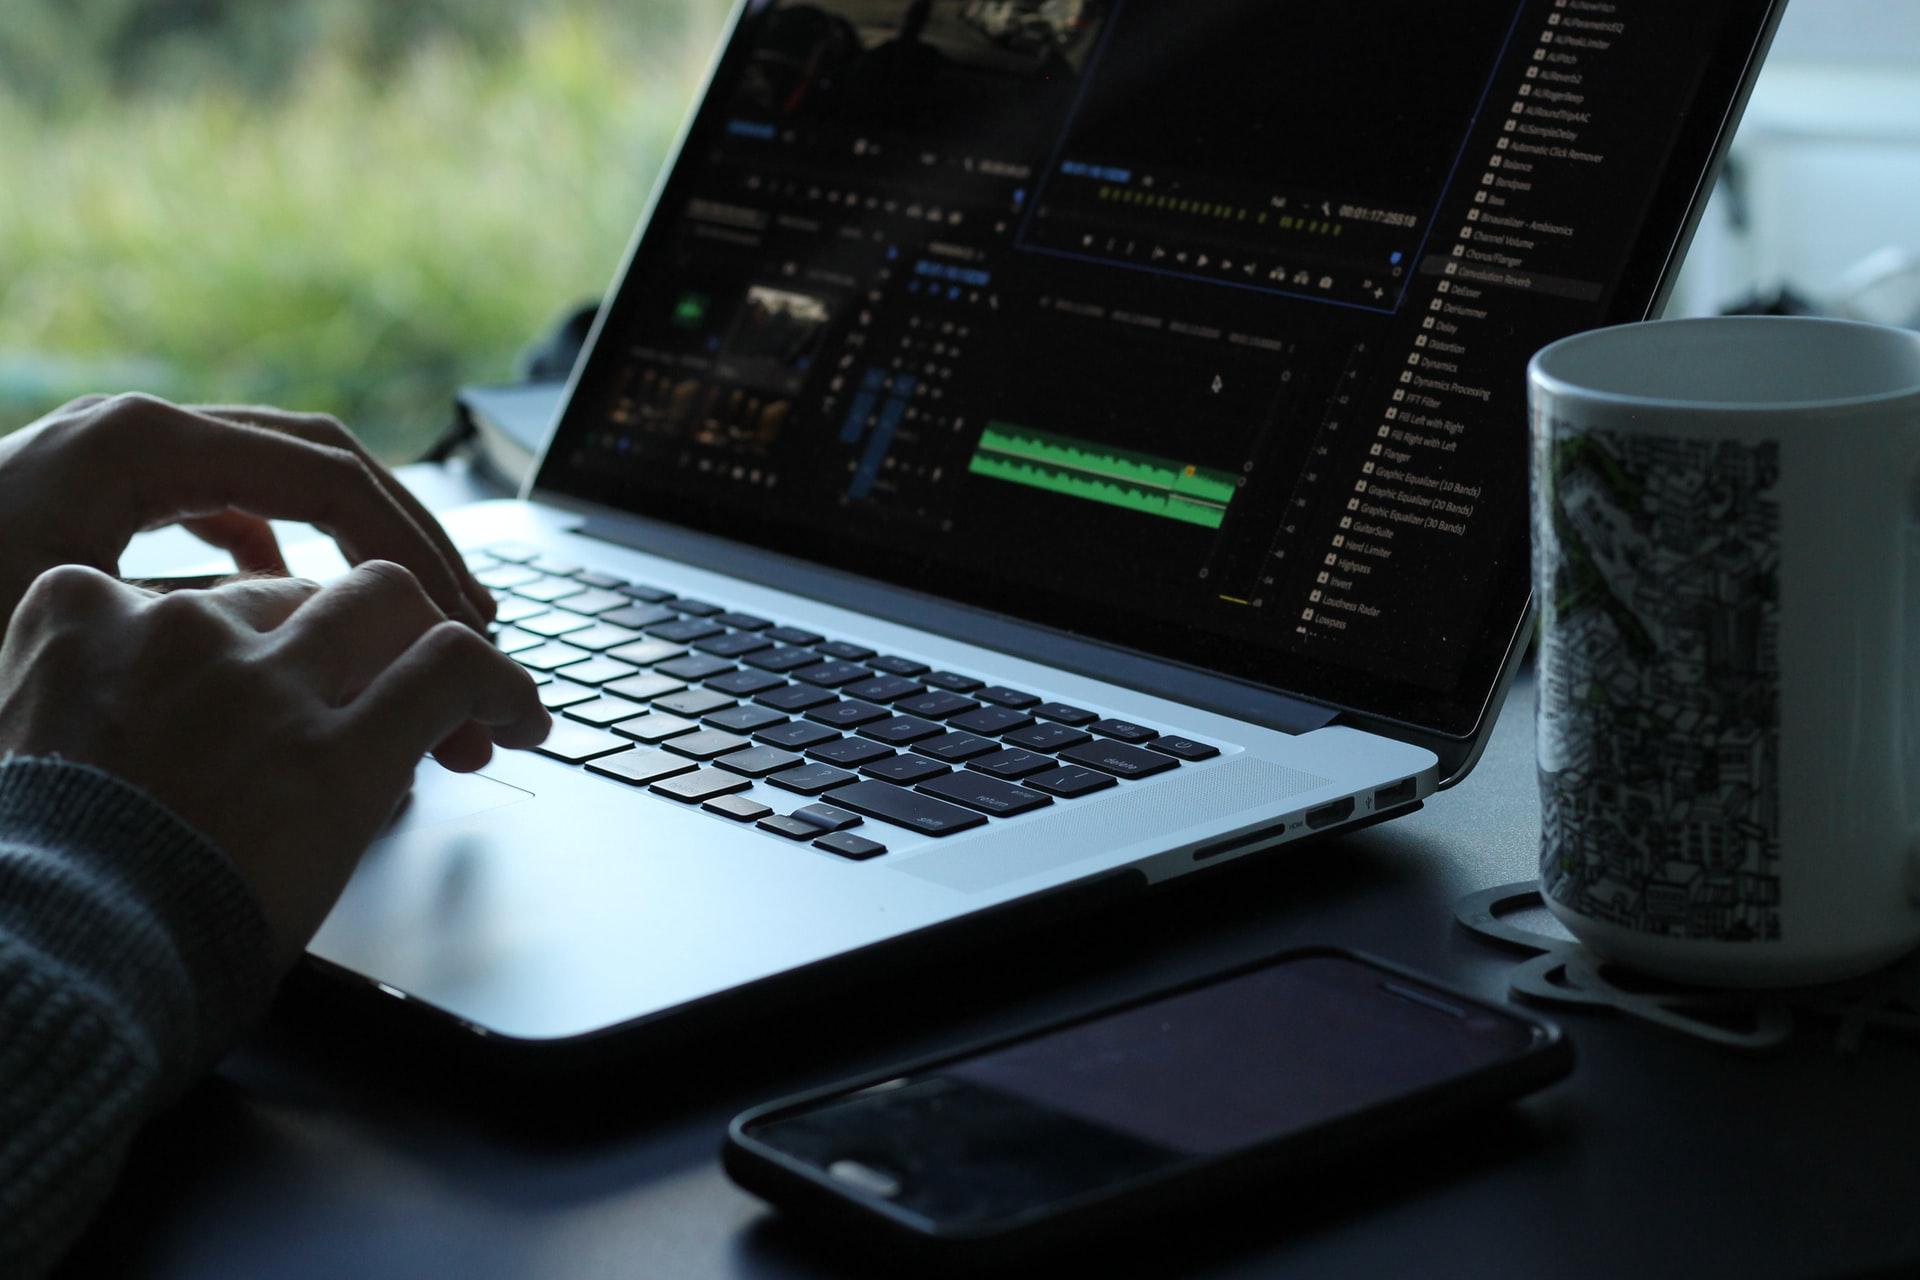 Premiere Proでクロップするには?メリットも多いその効果を一挙紹介!